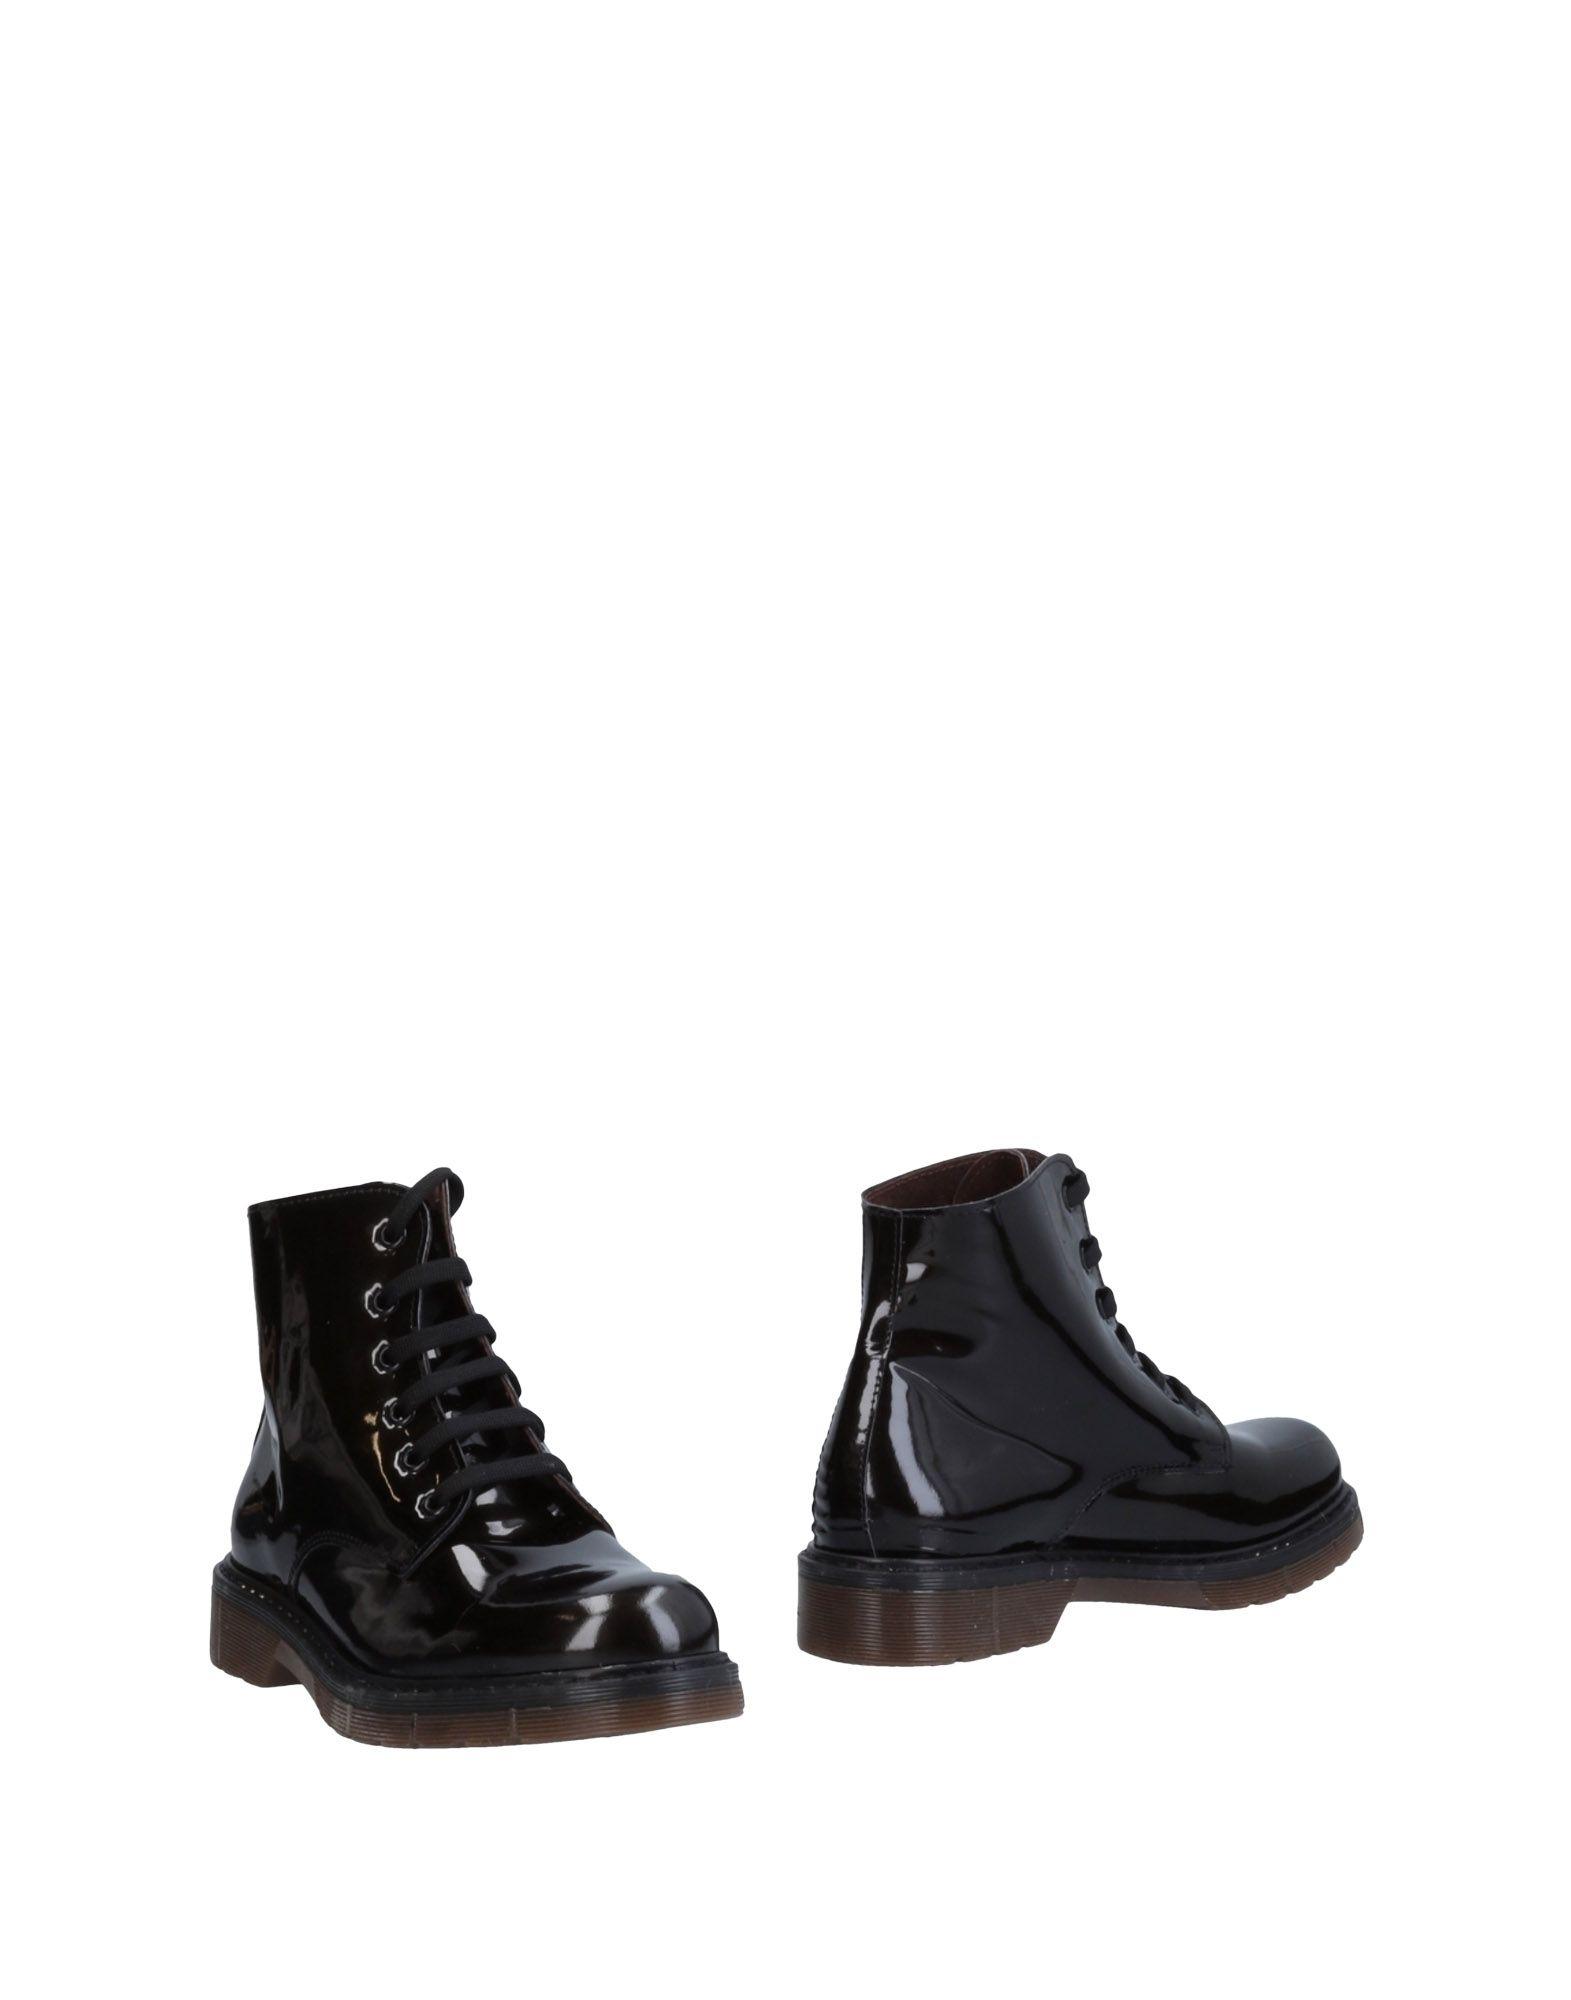 Tsd12 Stiefelette Damen  11453764GH Gute Qualität beliebte Schuhe